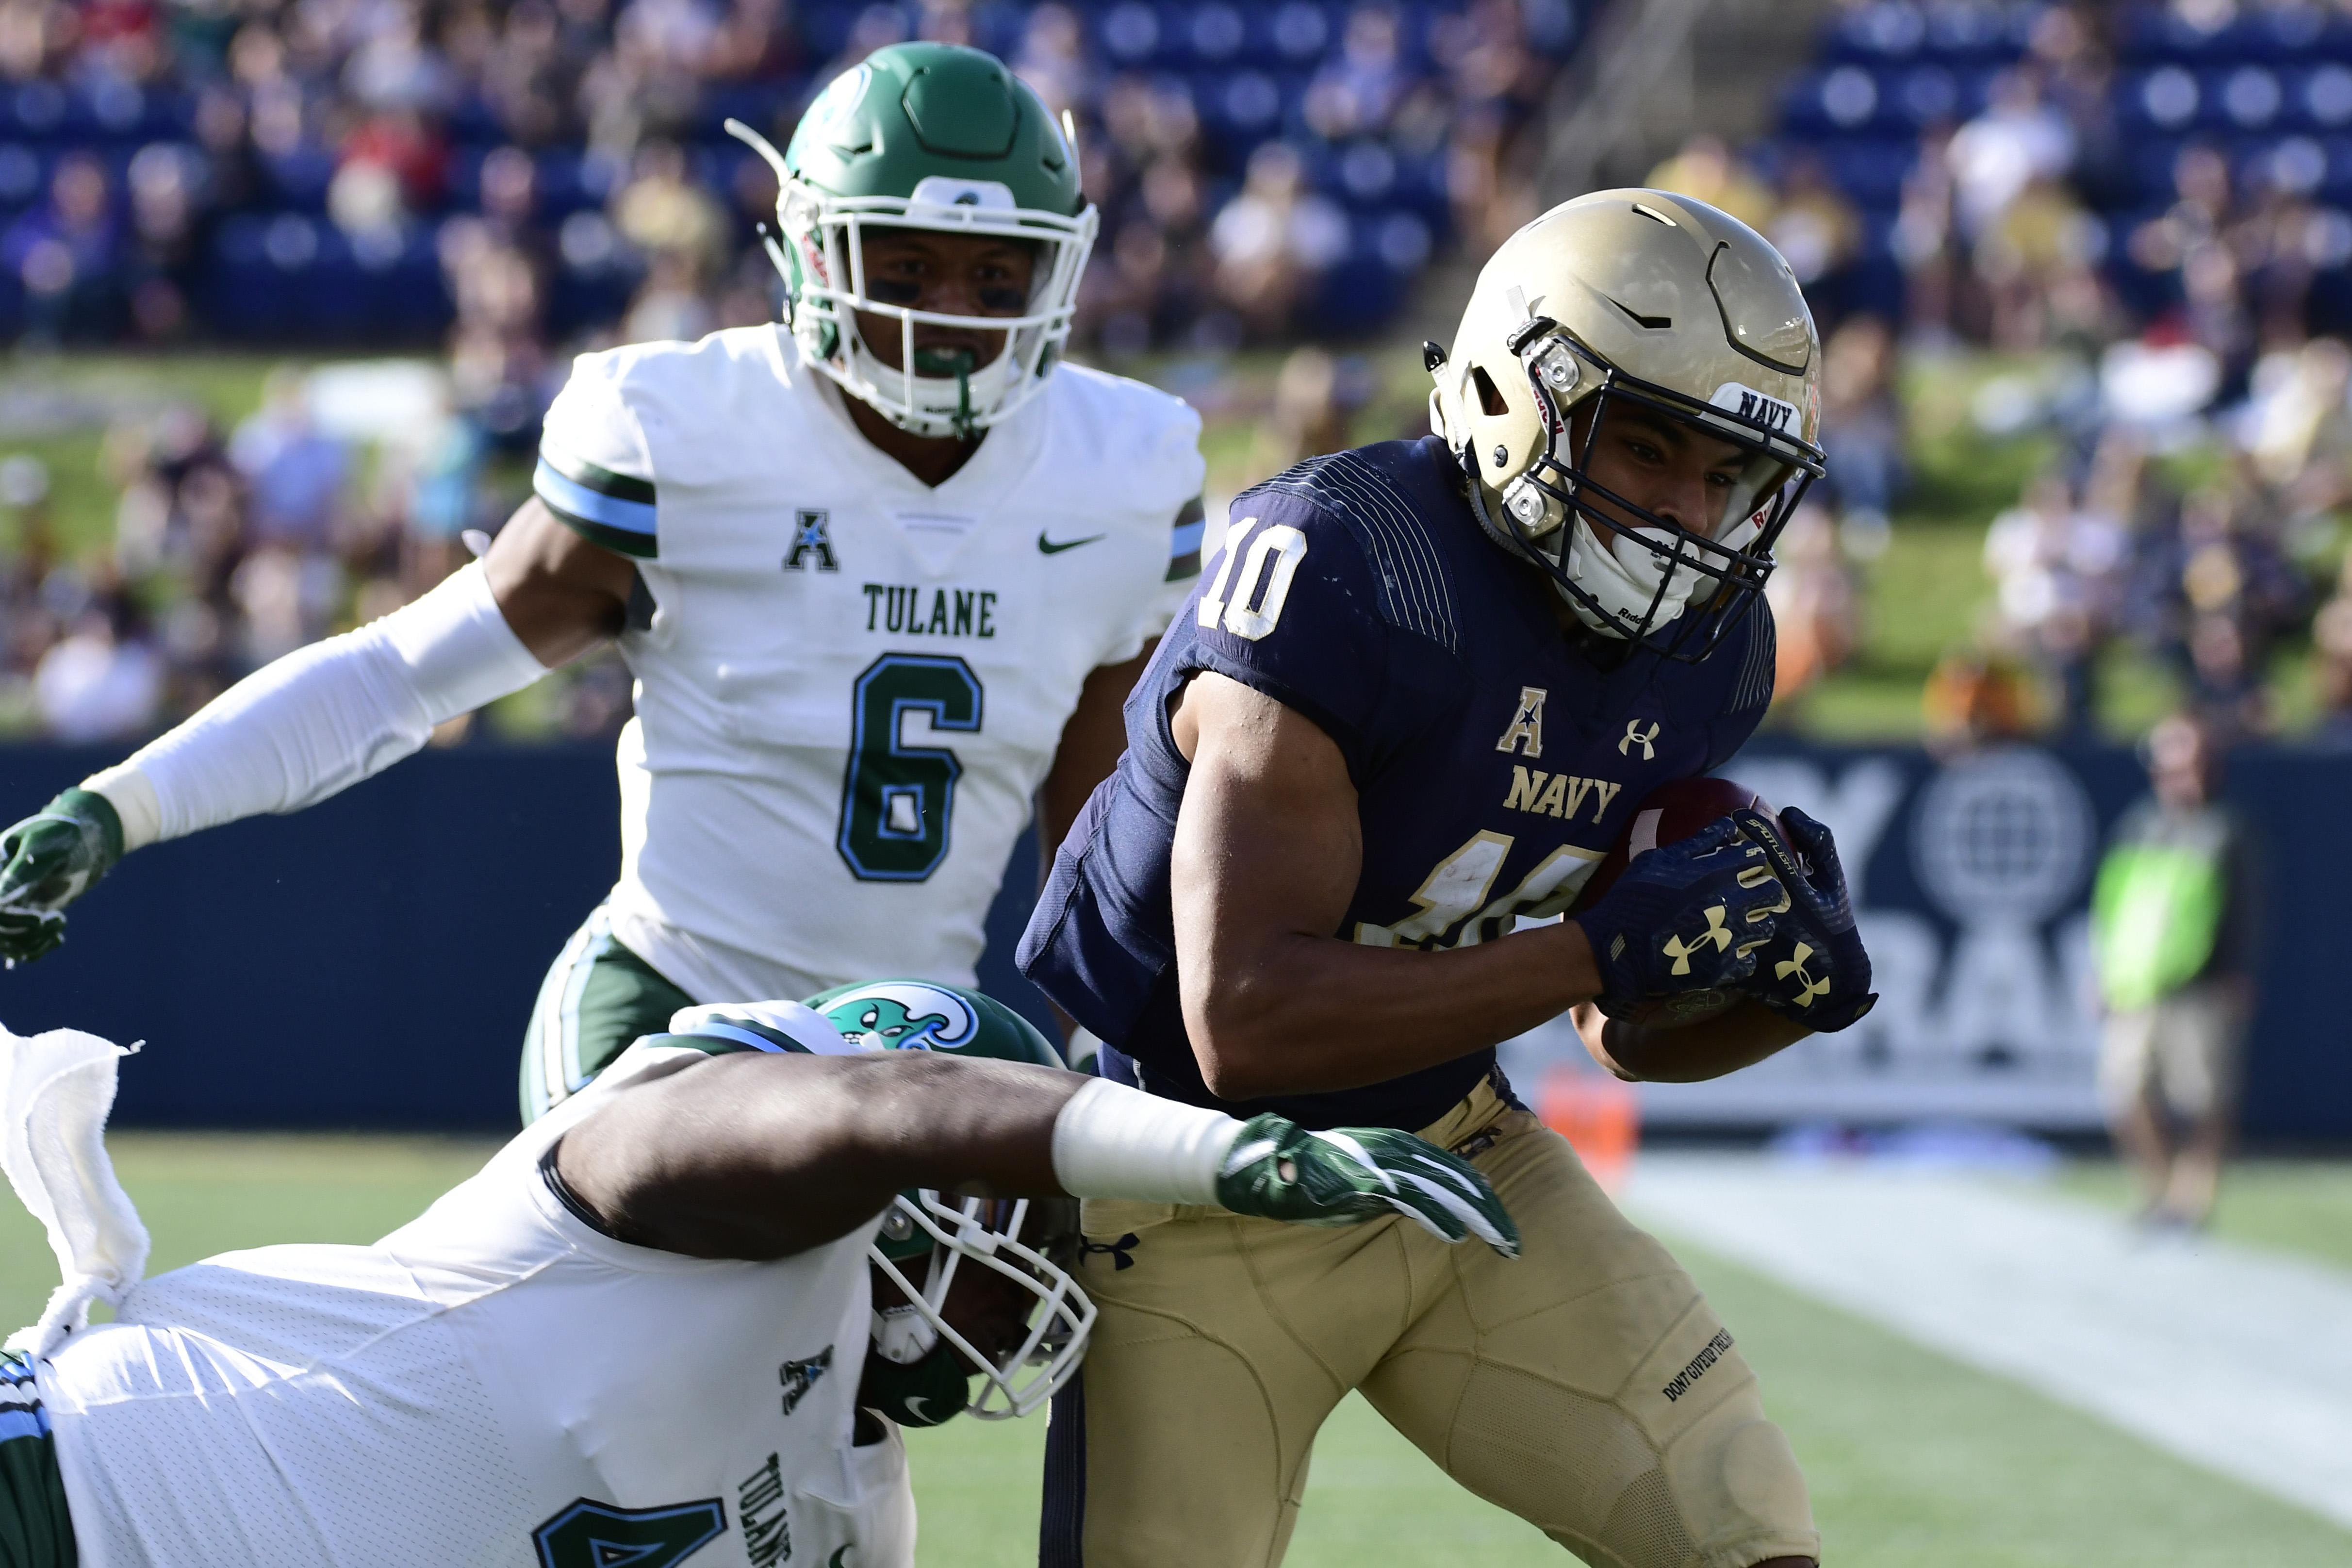 NCAA Football: Tulane at Navy